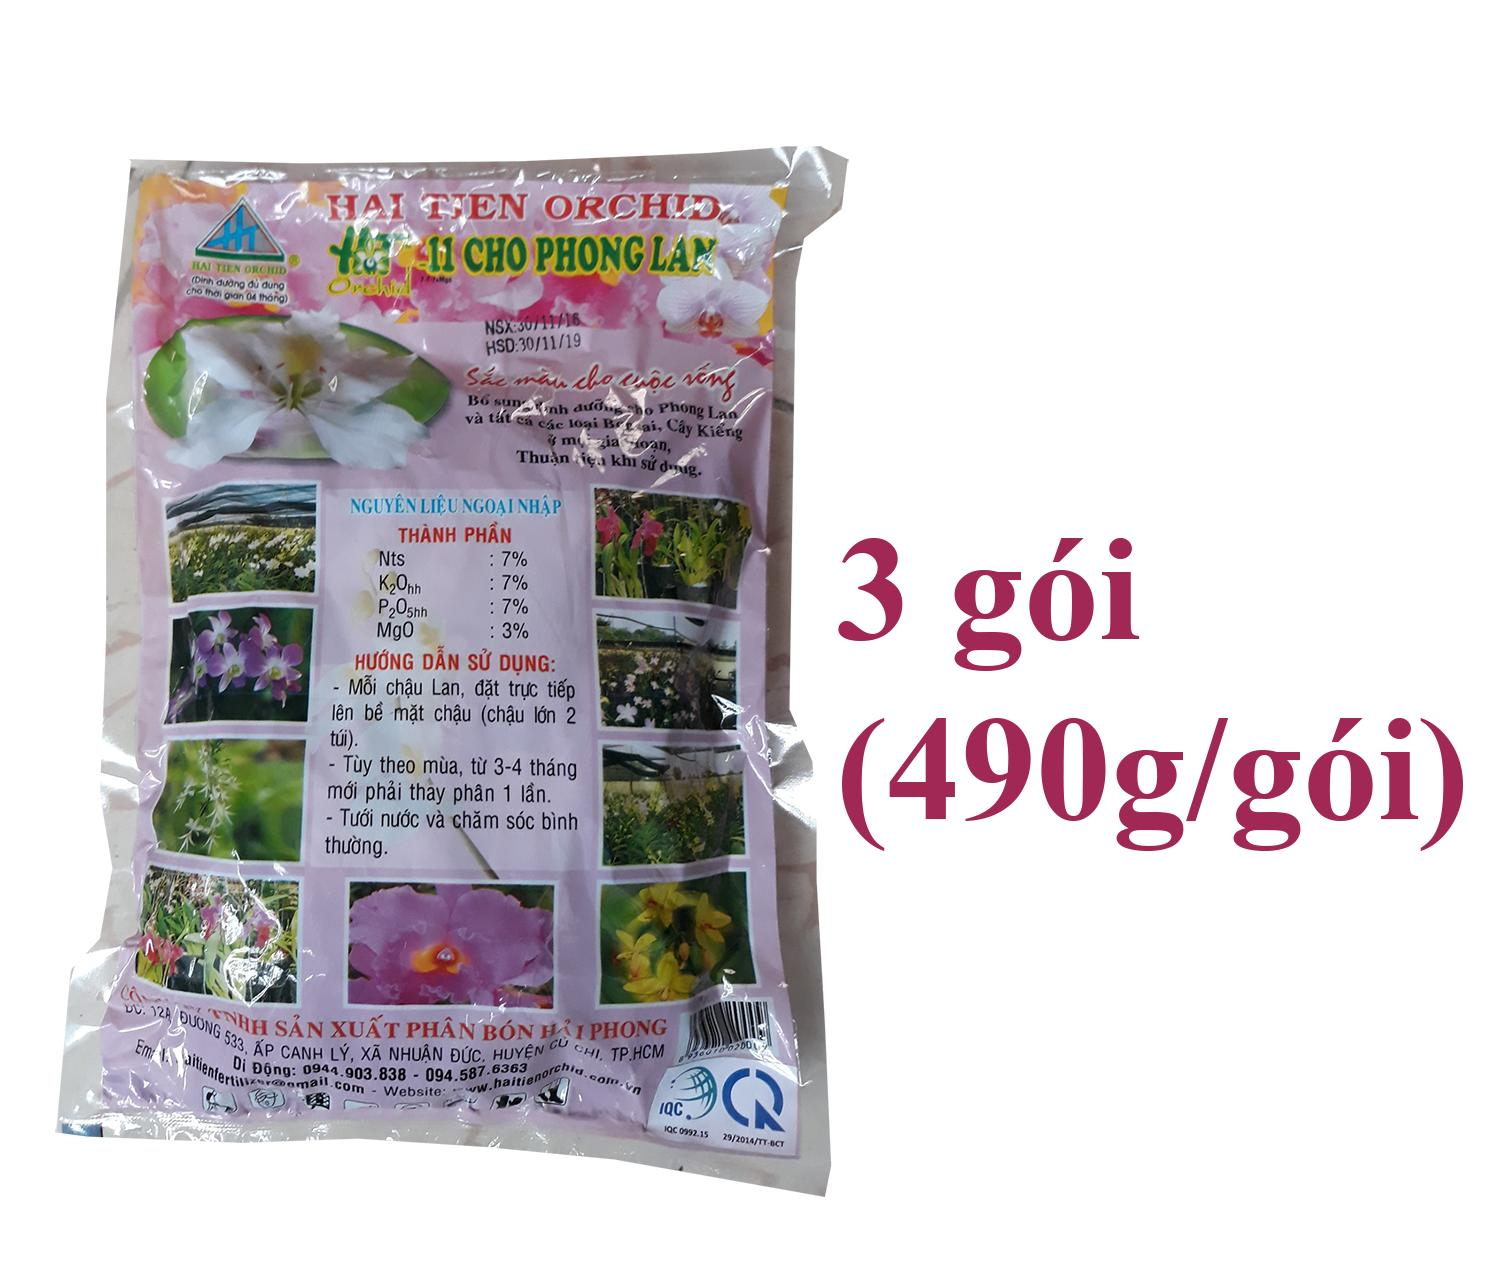 3 gói Phân túi lọc cho phong lan Hải Tiên Dưỡng (490g/gói).